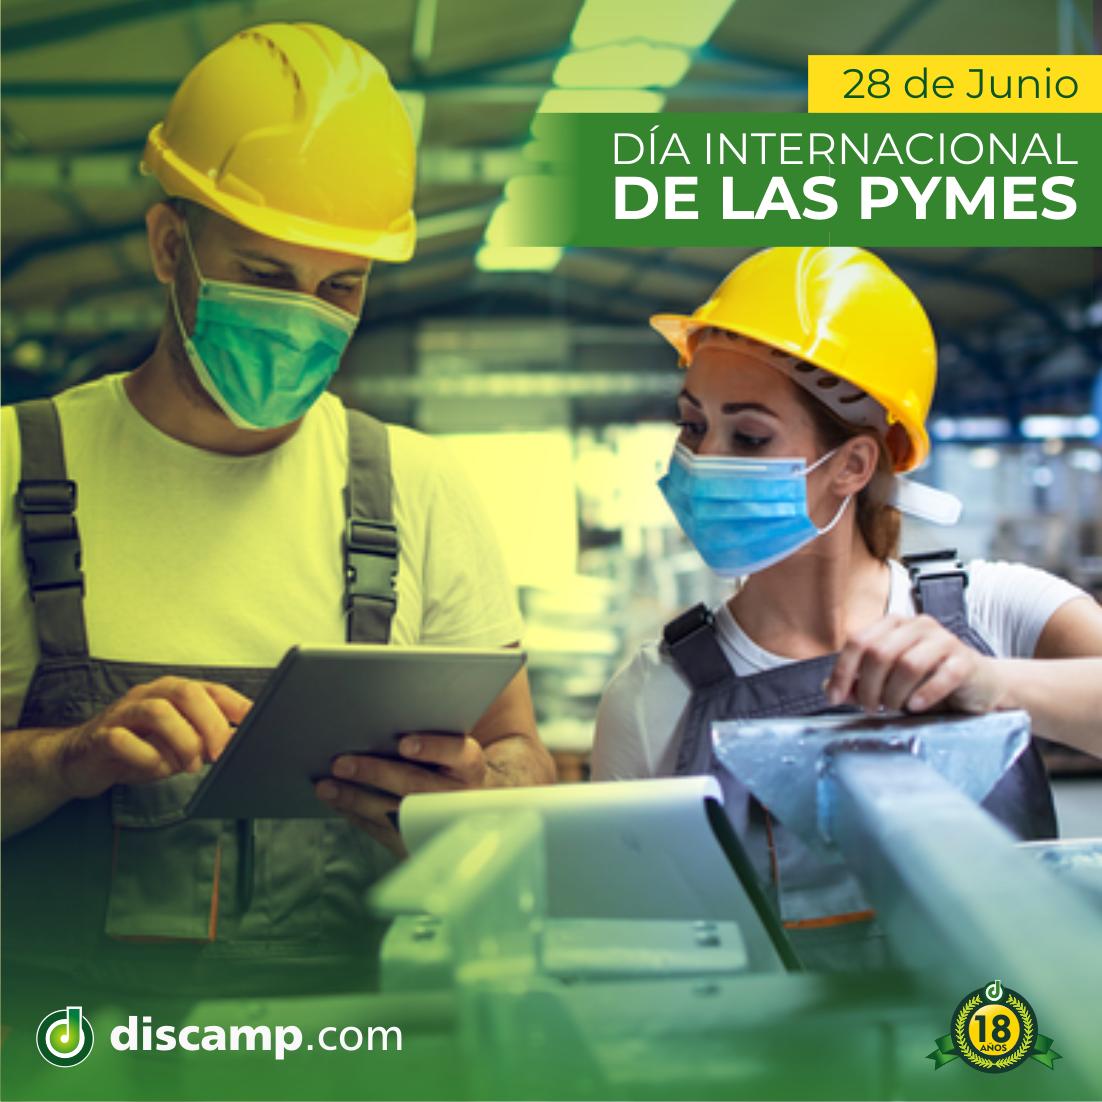 Día Internacional de las Pymes